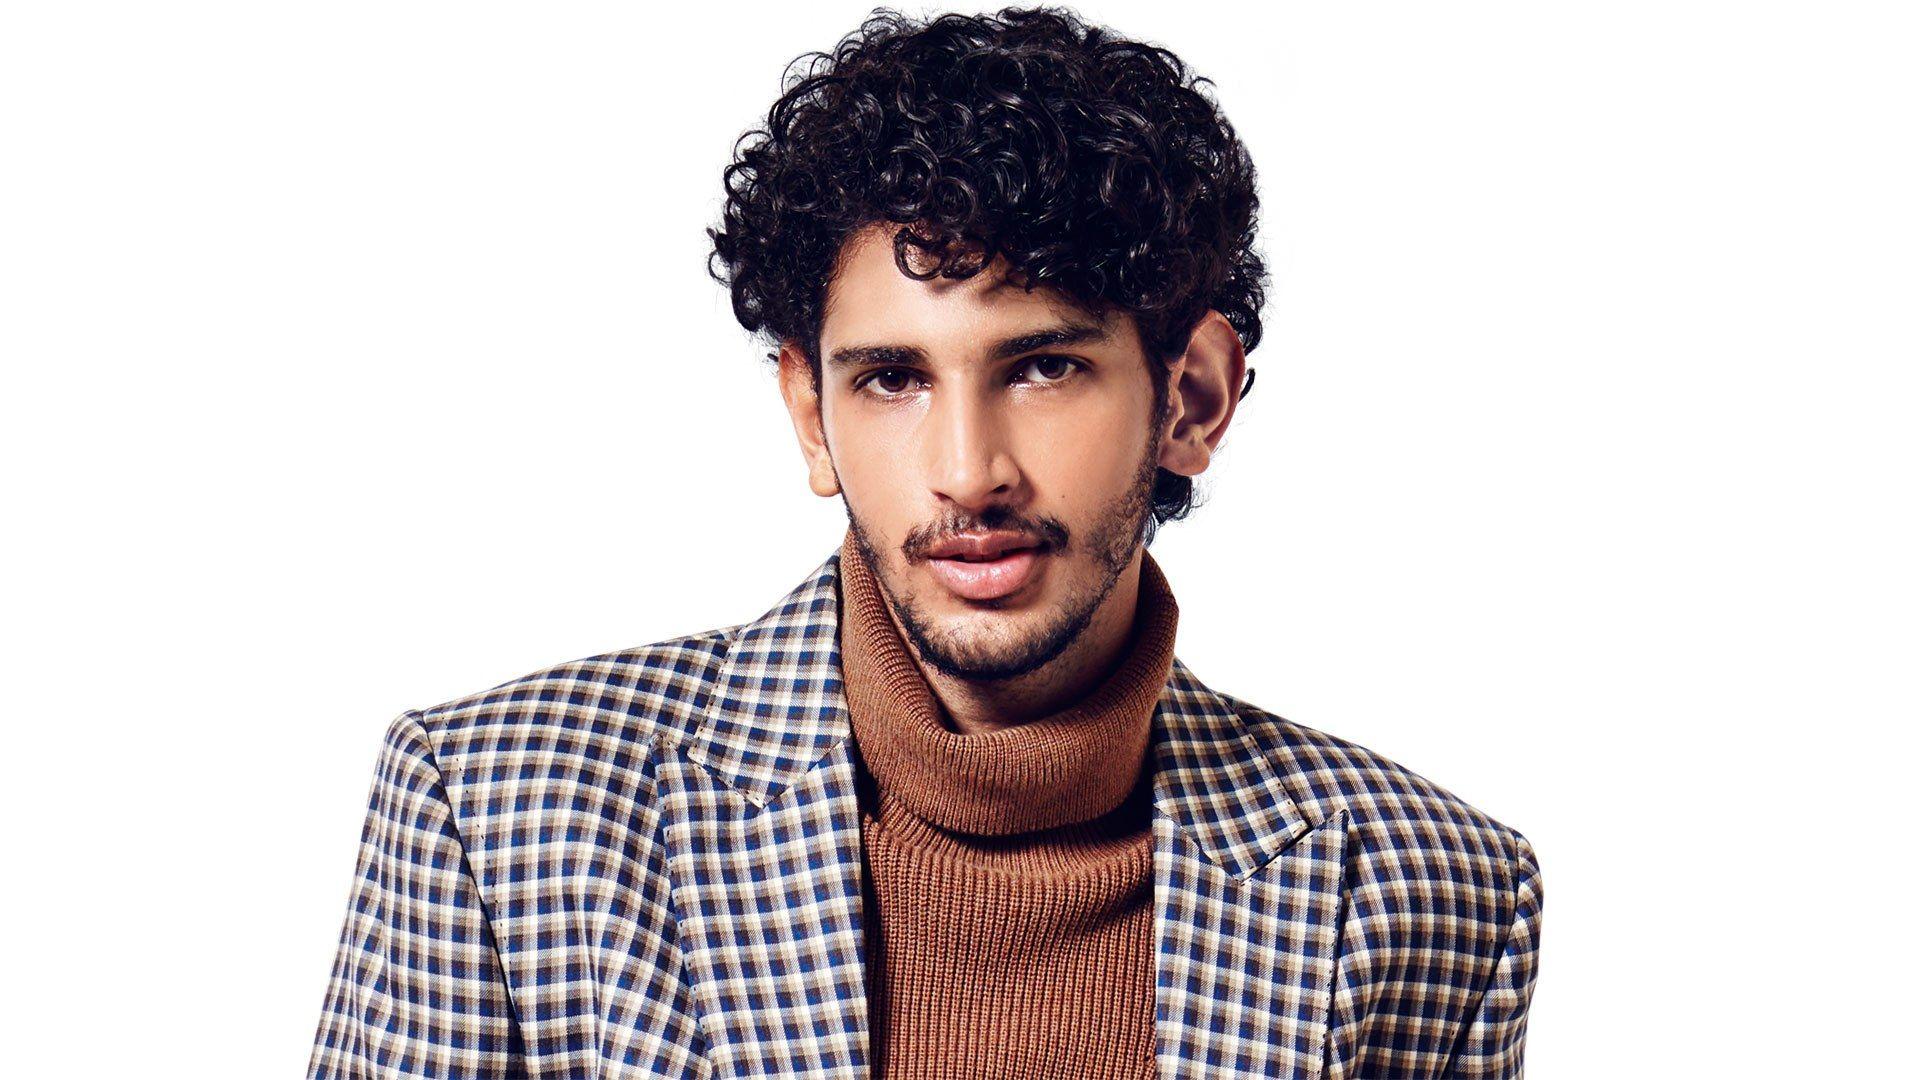 21 Wahnsinnig Coole Frisuren Fur Indische Manner Frisuren 2019 Neue Haarschnitte Und Haarfarben Wavy Hair Men Curly Hair Styles Mens Hairstyles